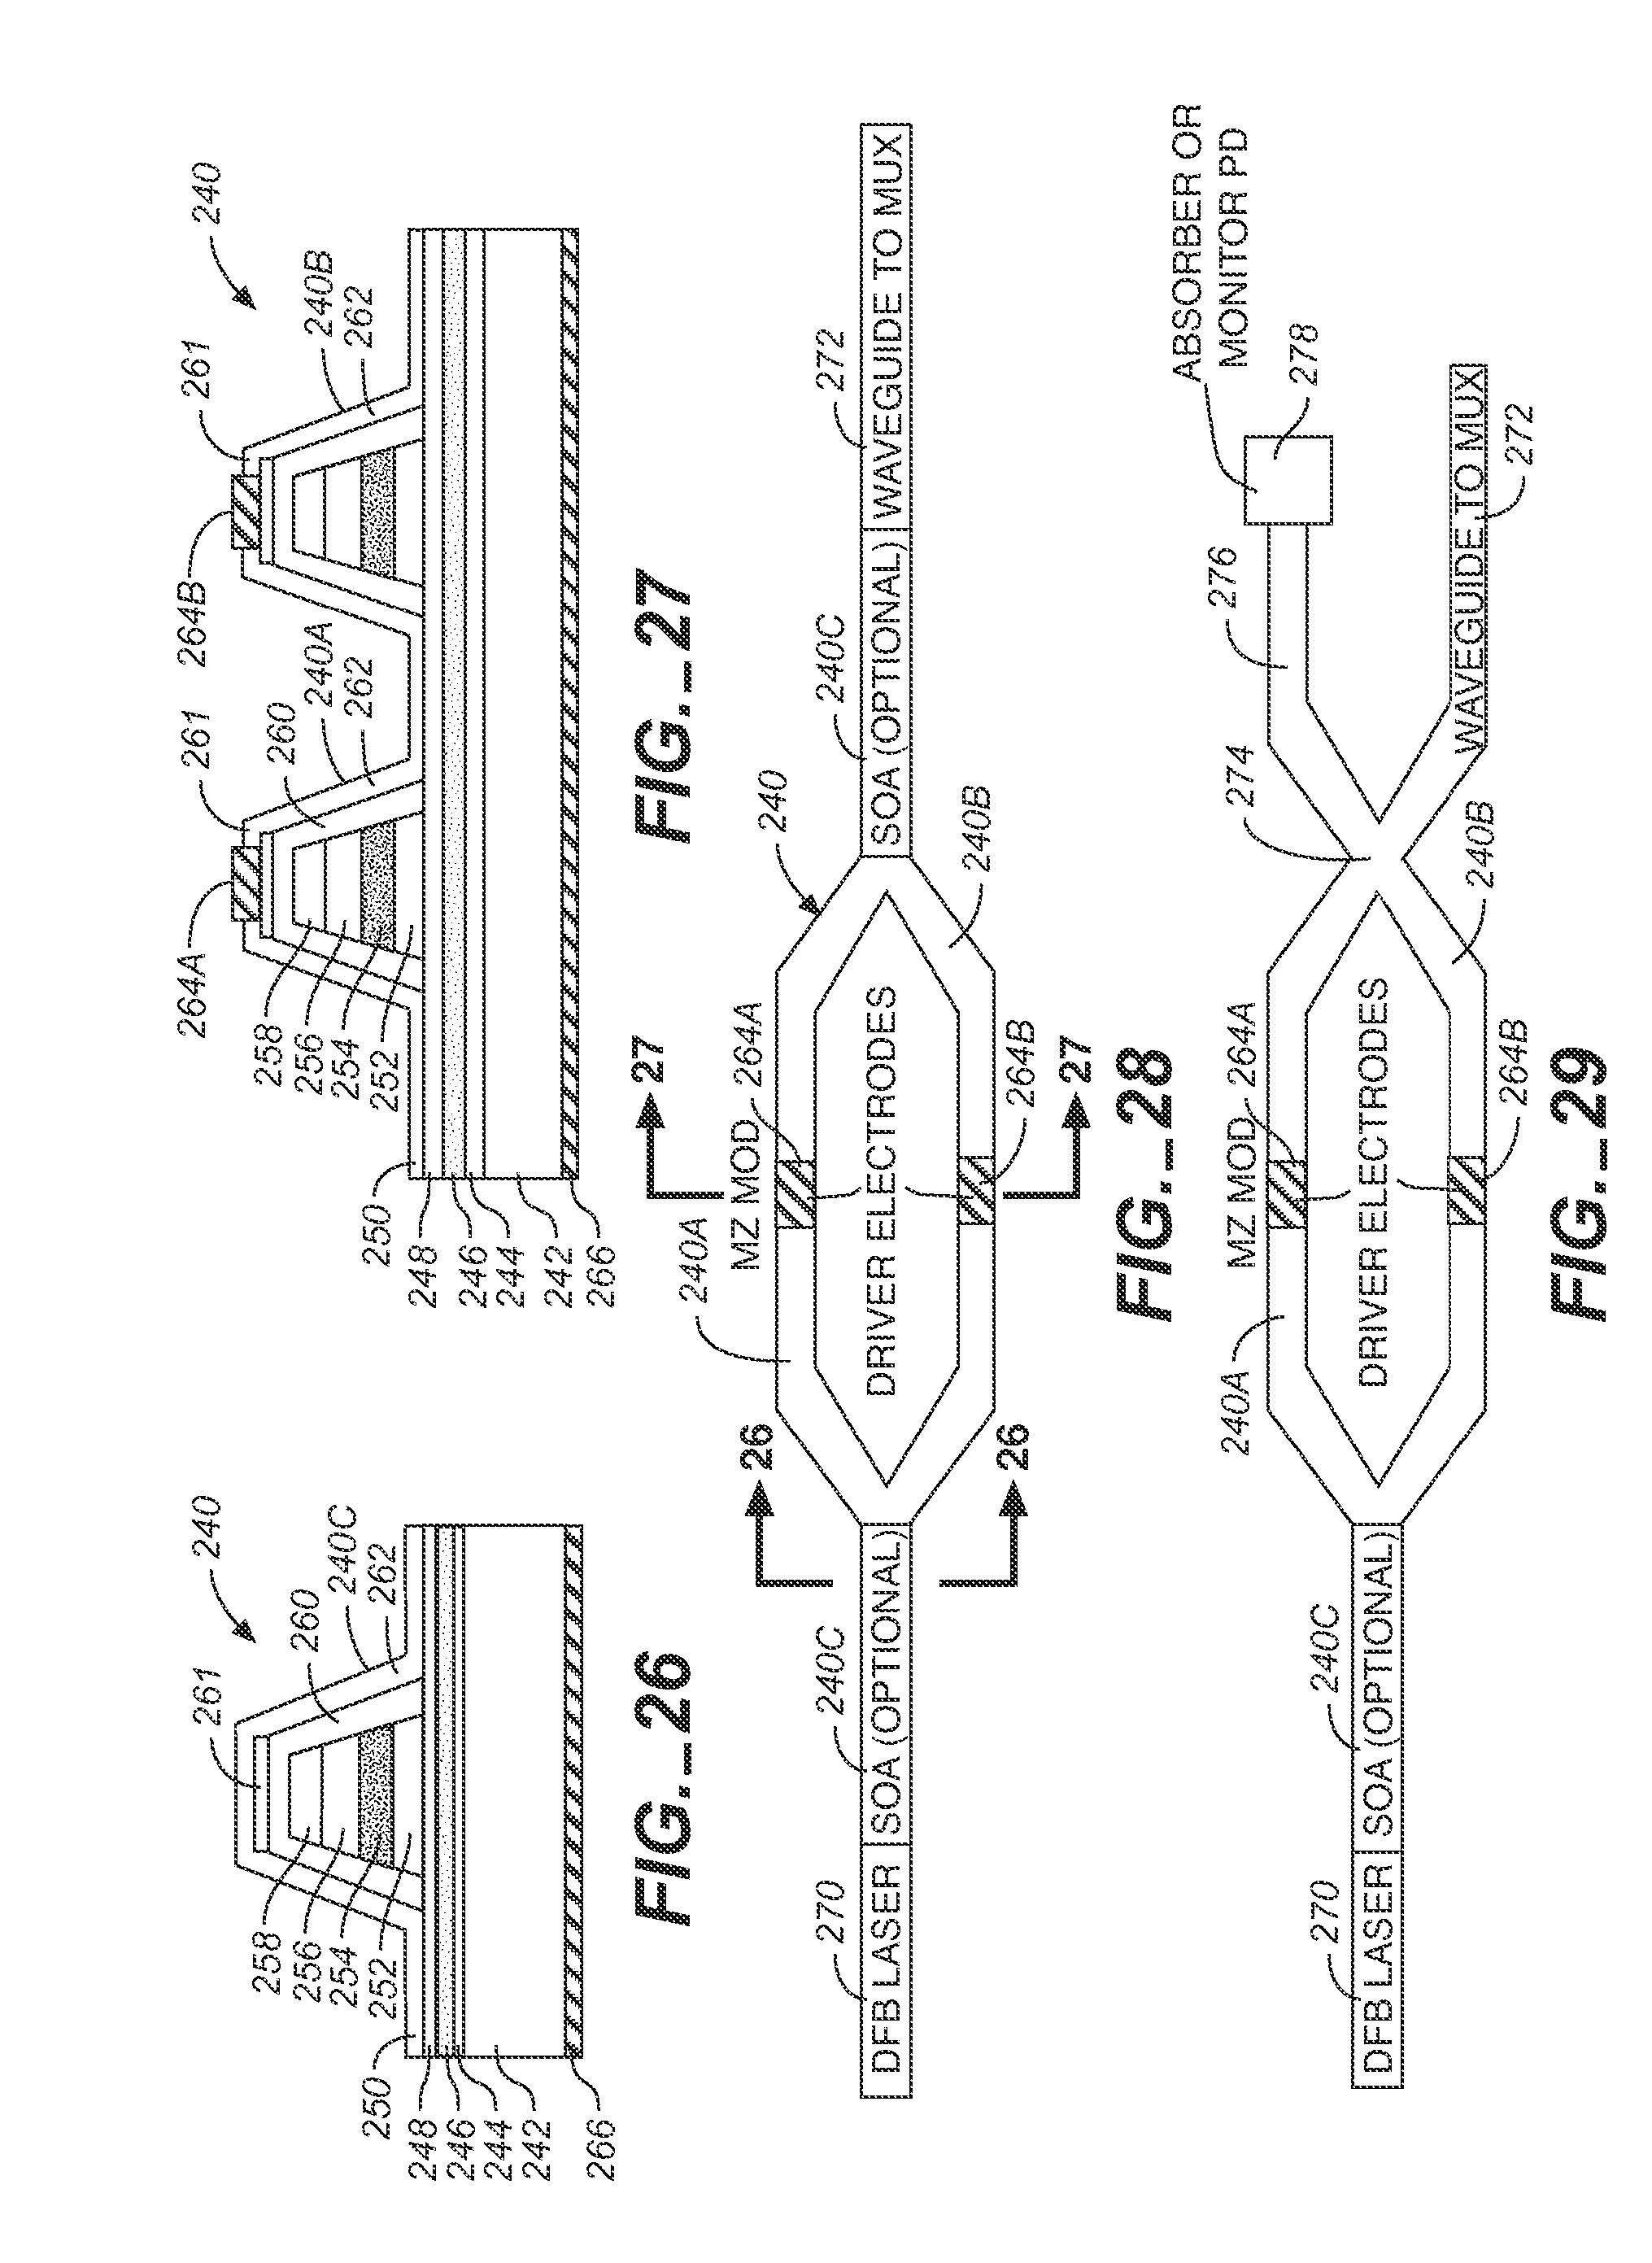 patent us20070248299